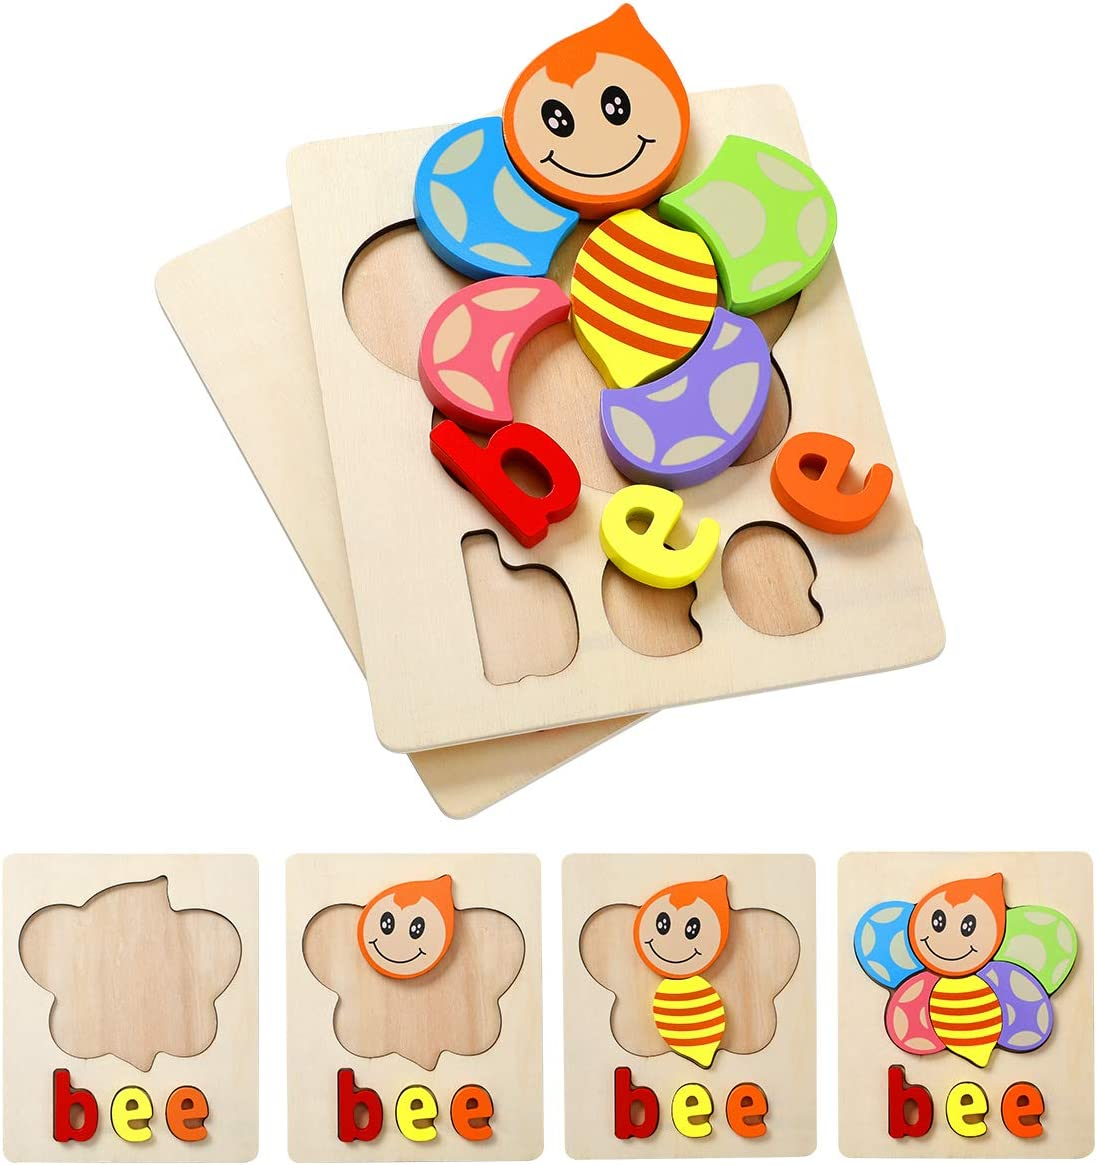 Cartoon Holz Stein Jigsaw Puzzle Baby Kleinkind Früh Lernen Lernspielzeug